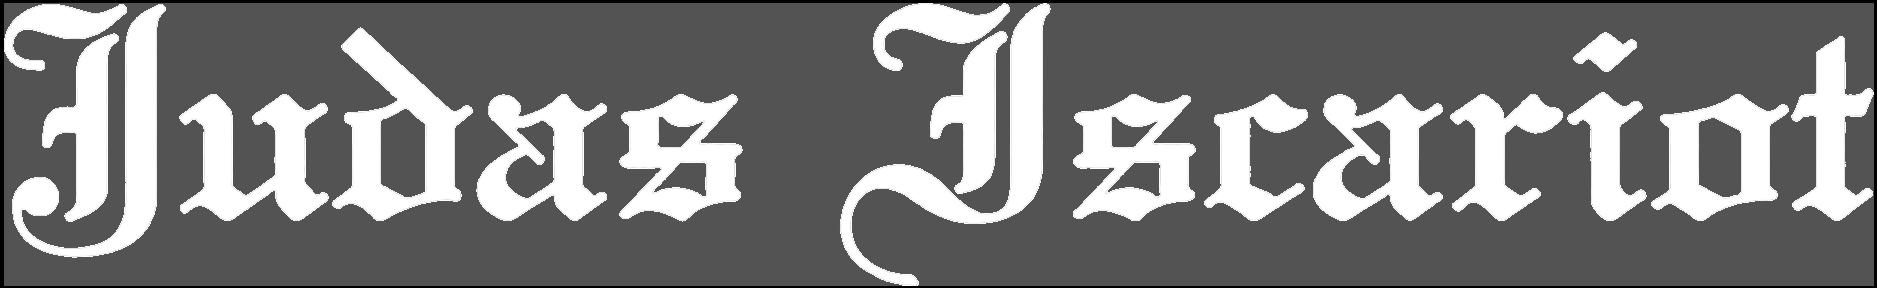 Judas Iscariot - Logo